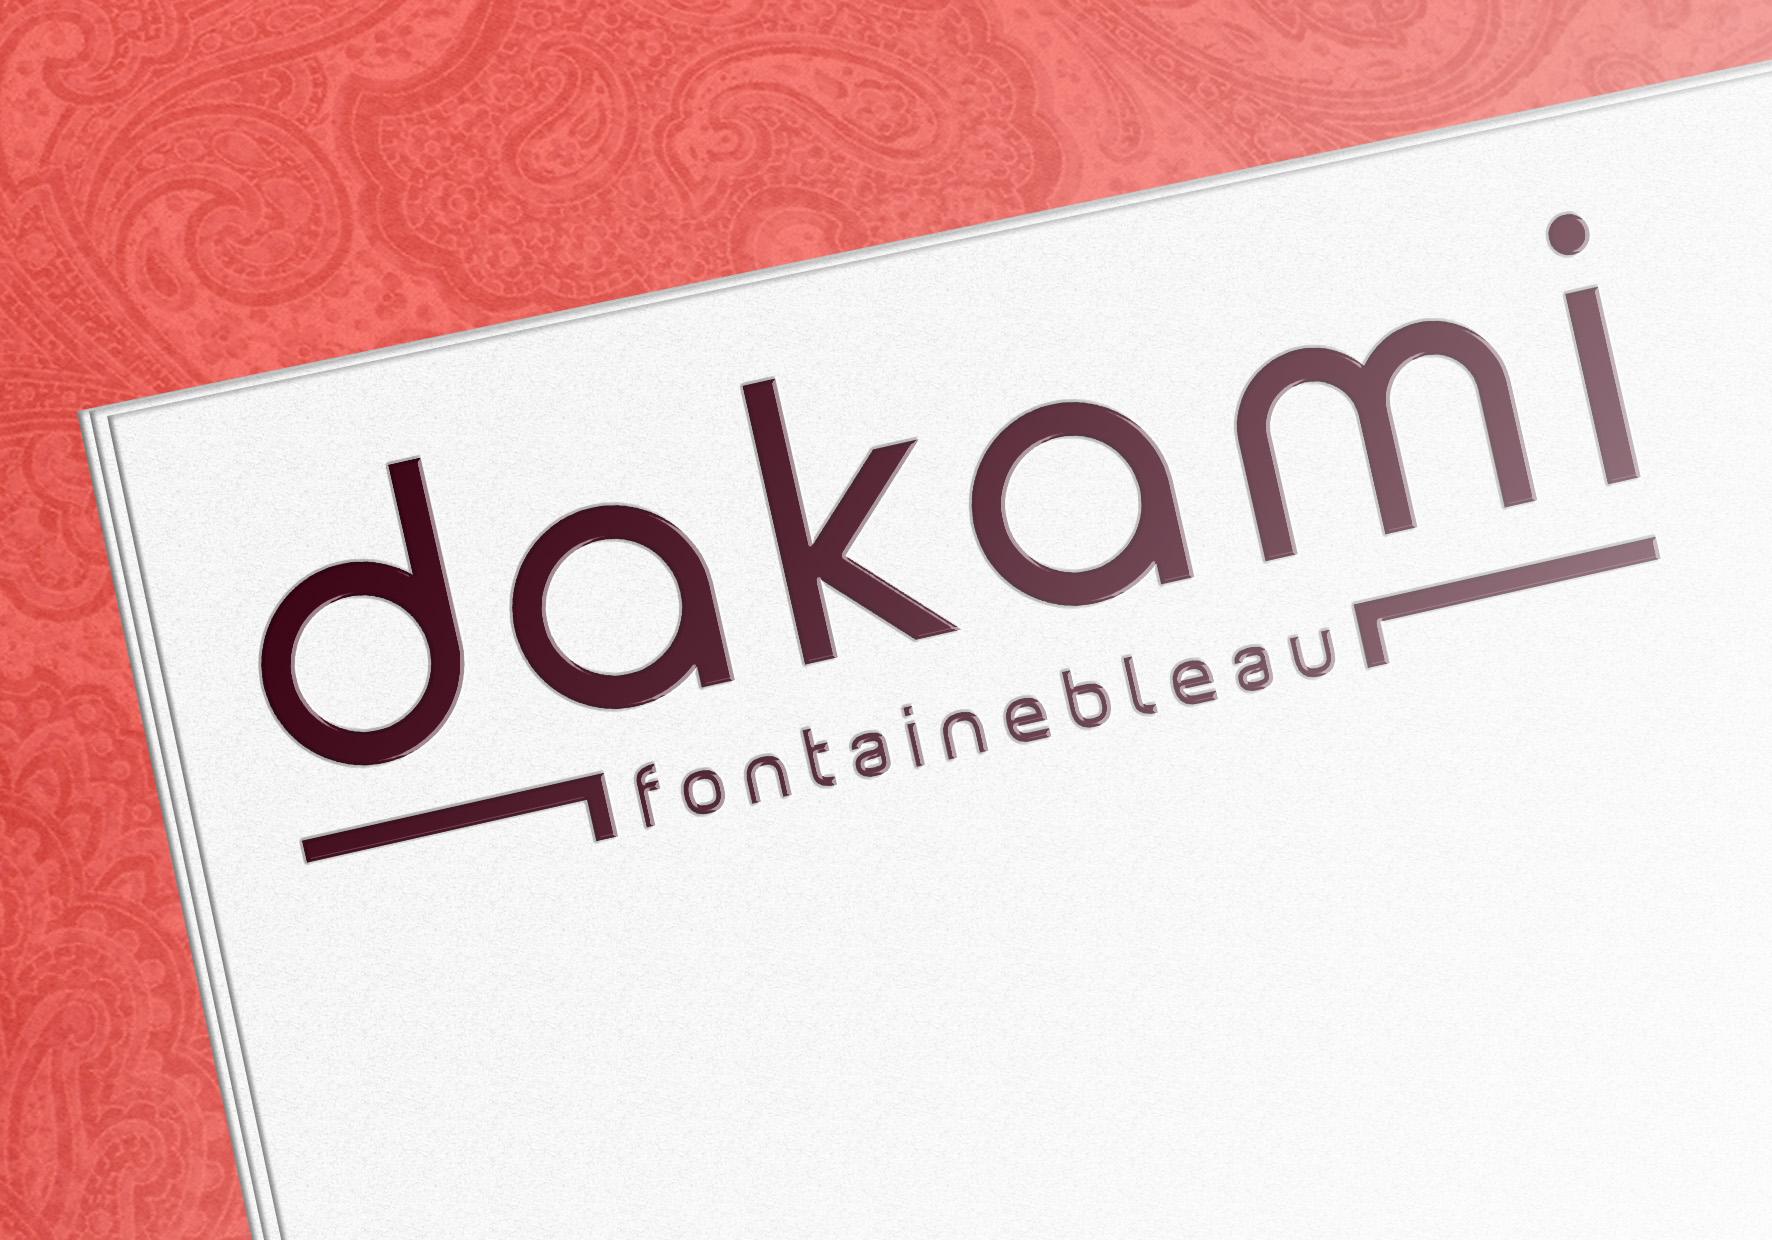 LOGO Dakami